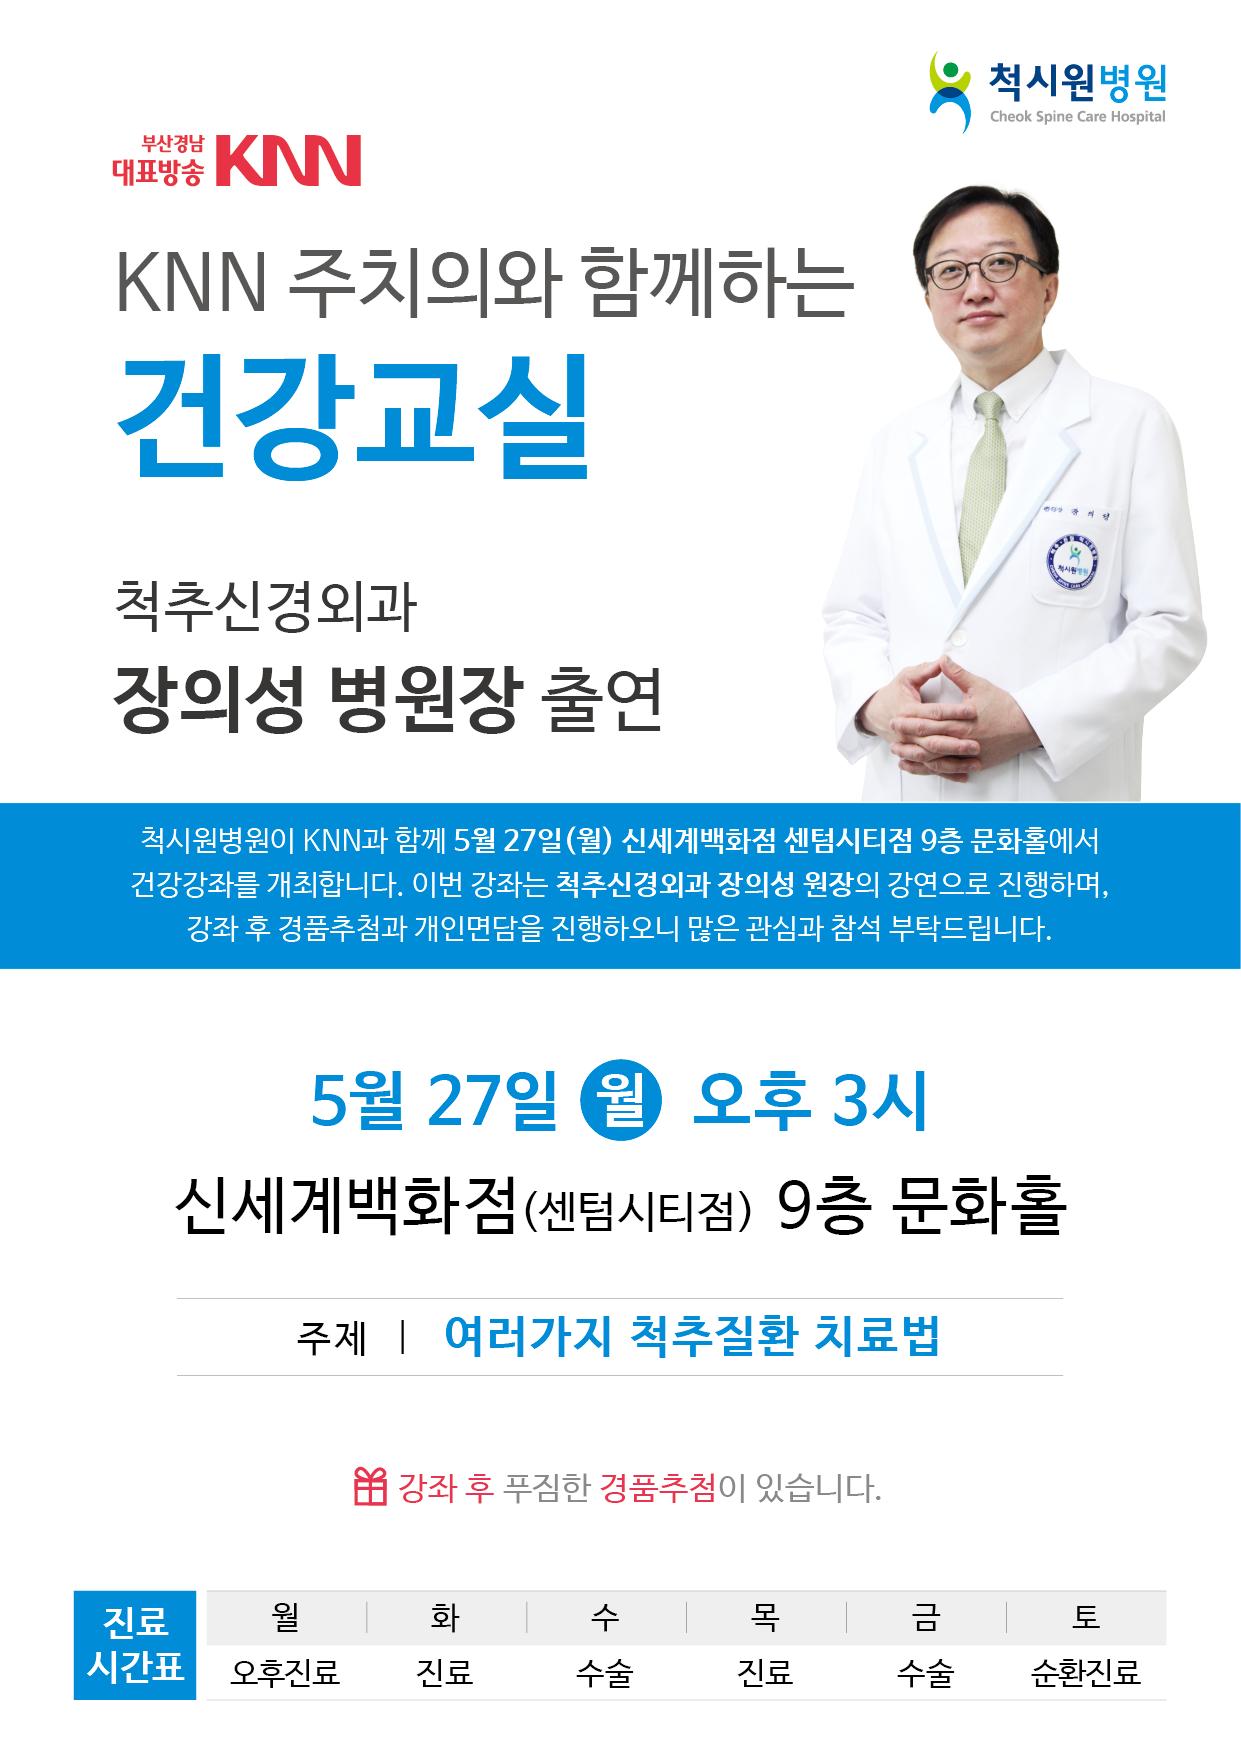 [KNN 건강교실] 장의성 병원장 강좌안내